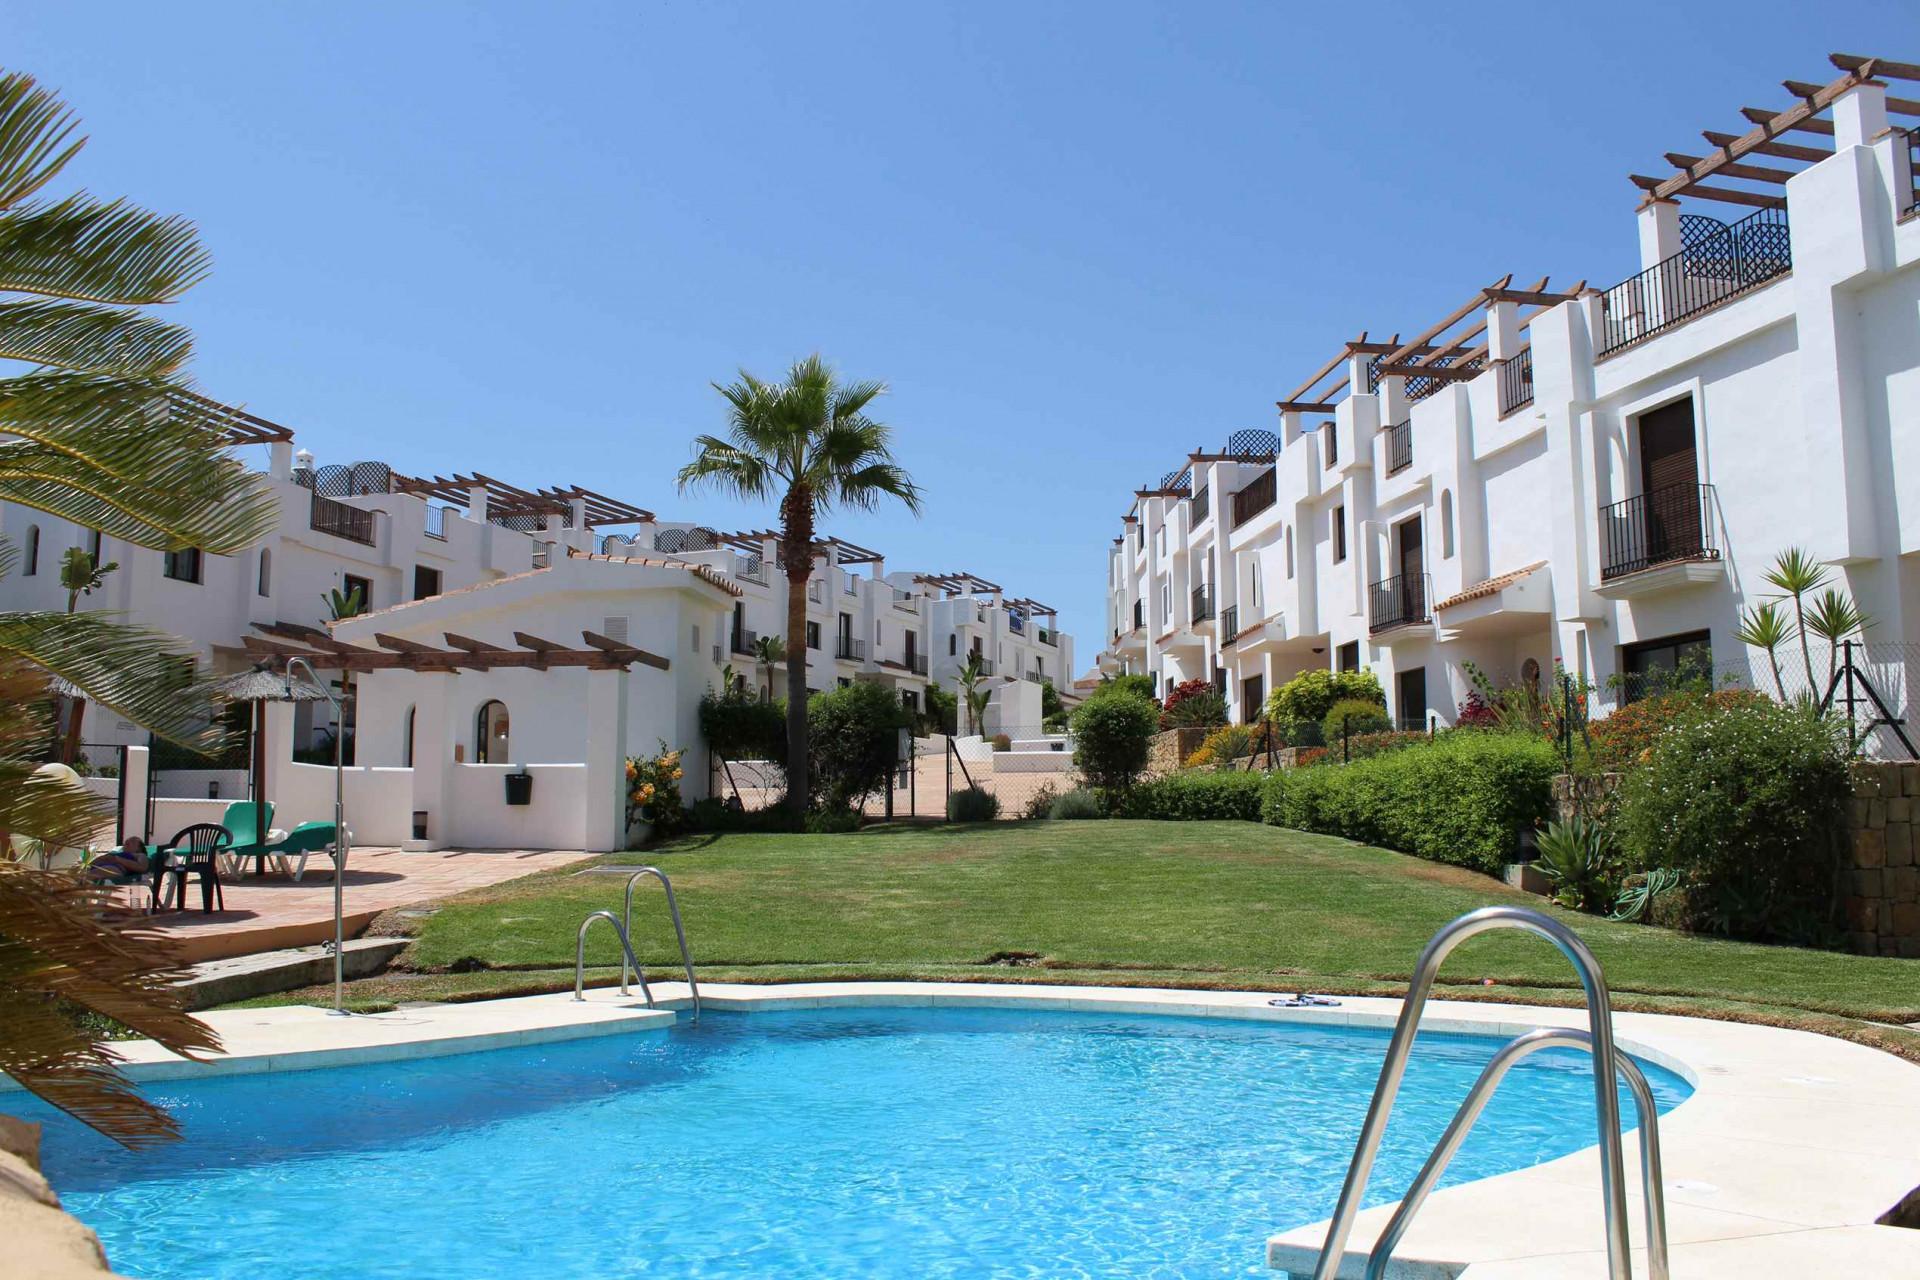 Nieuwe appartementen eerste lijn golf te koop in La Alcaidesa aan de westkant van Estepona